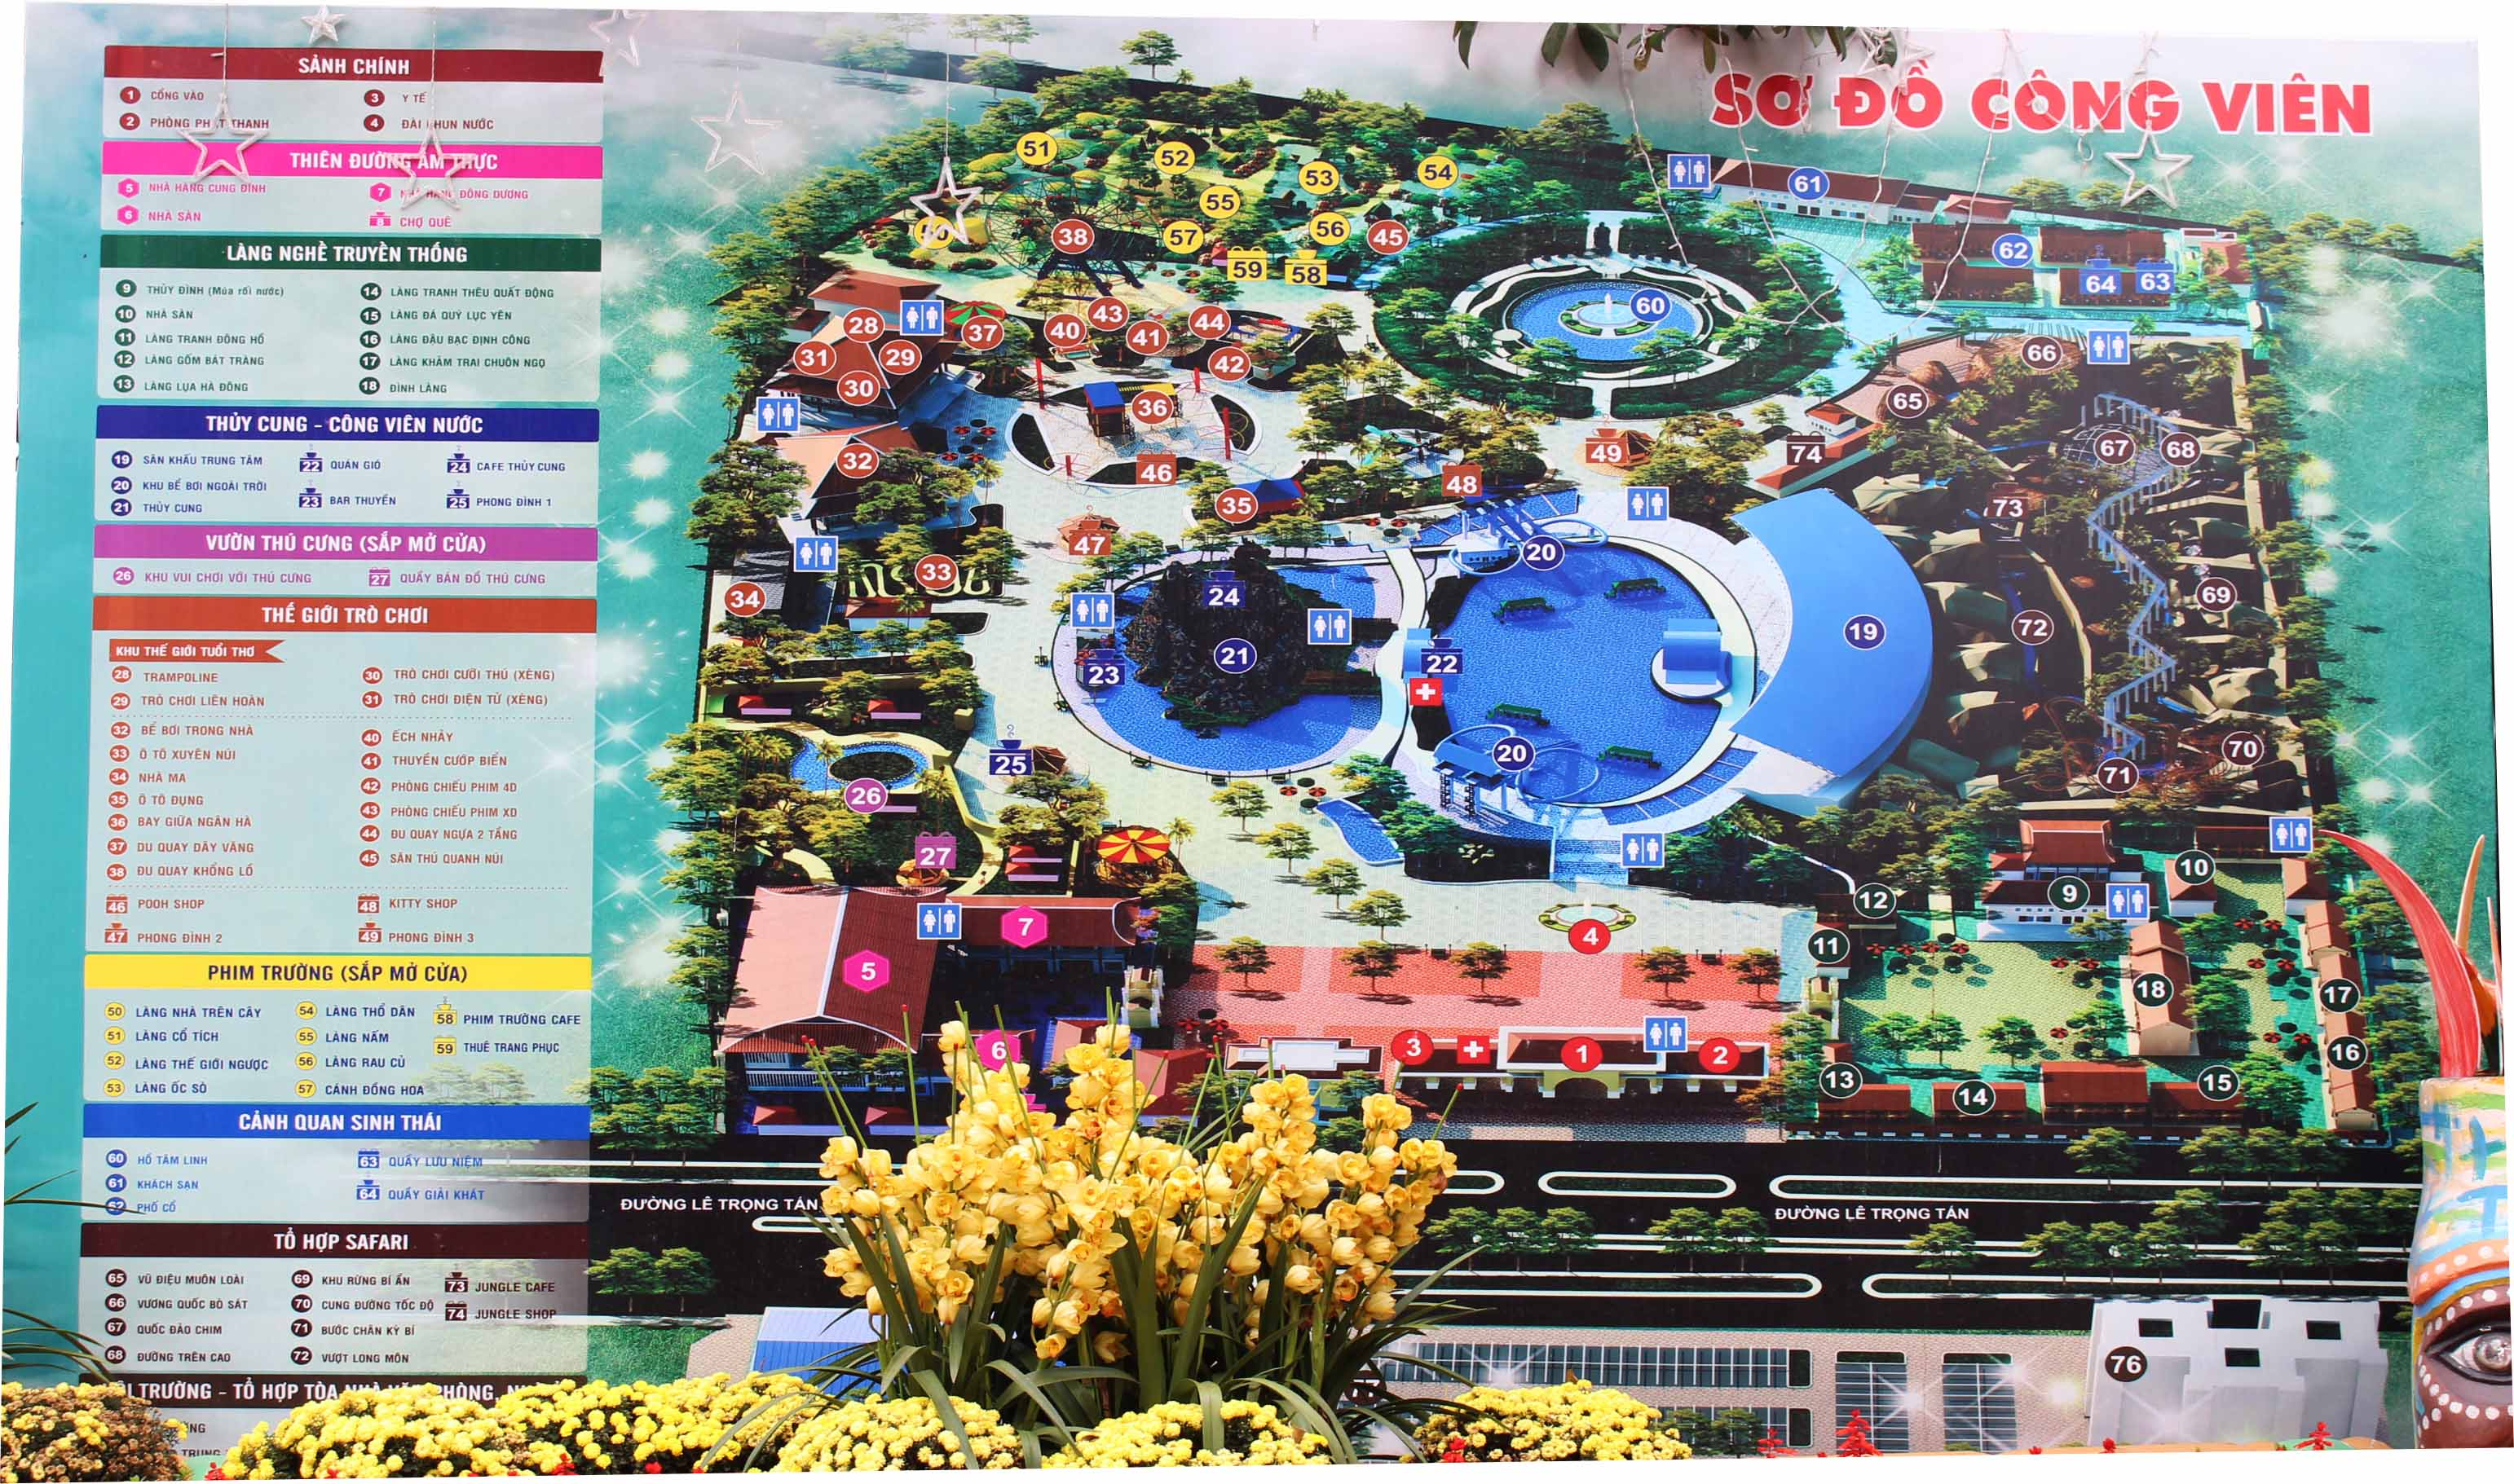 du lịch thiên đường Bảo Sơn 2019